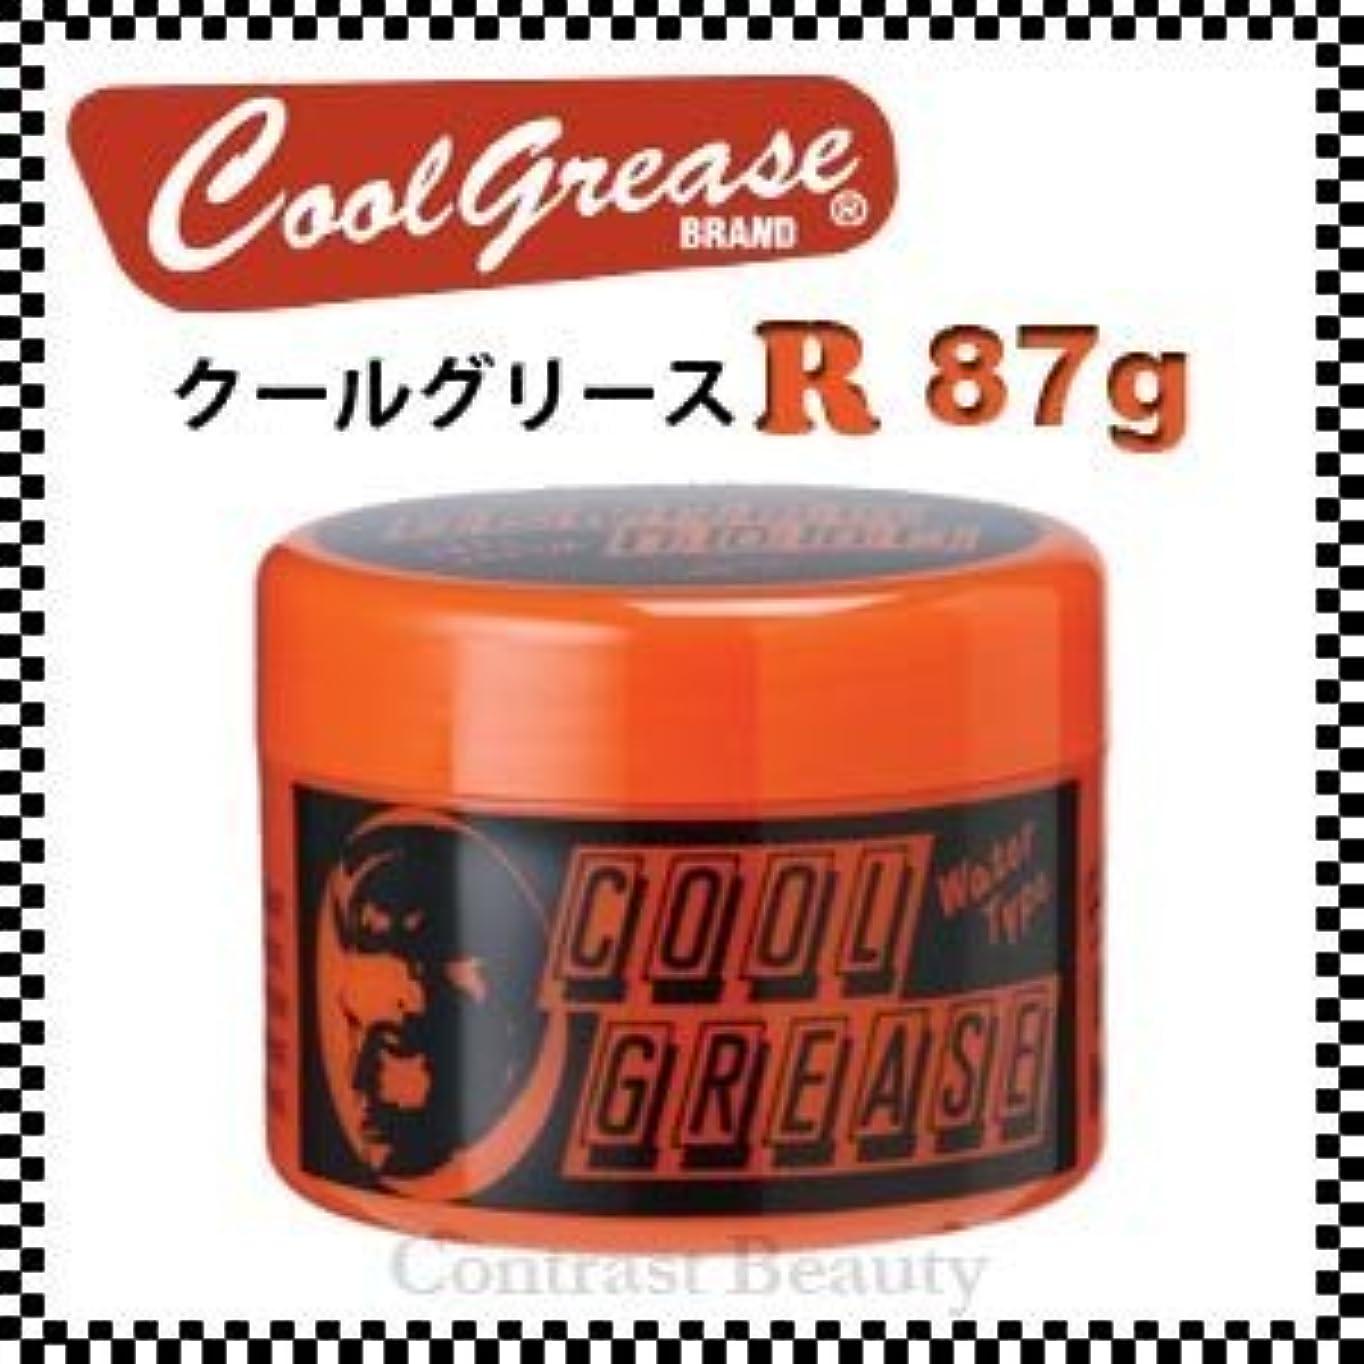 既婚大気仮定する阪本高生堂 クールグリース R 87g